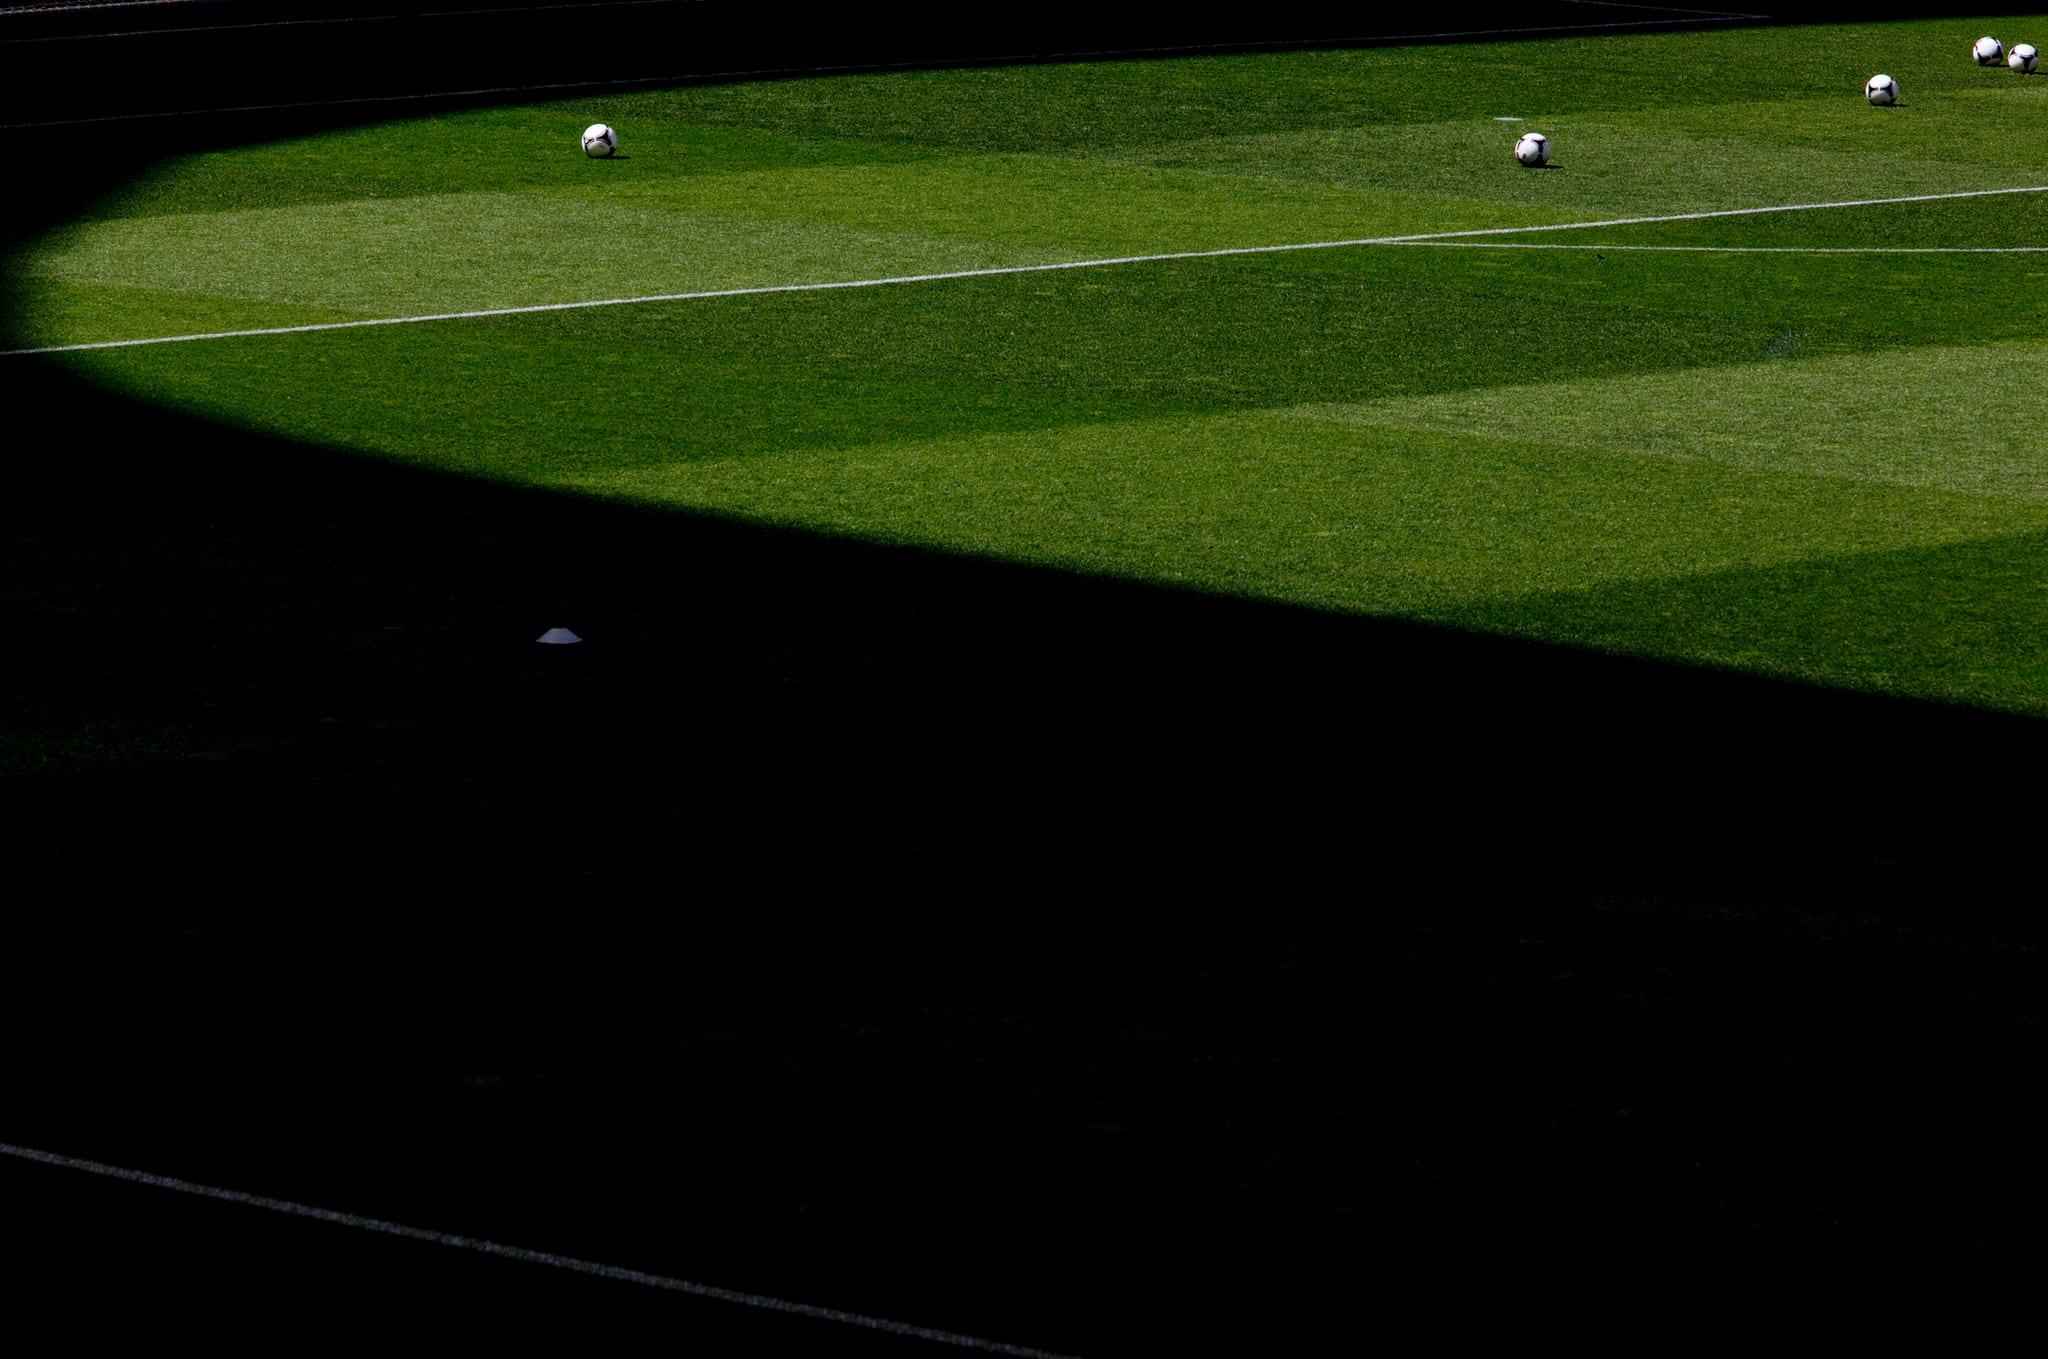 PÚBLICO - Jovem de 16 anos morre durante treino de futebol